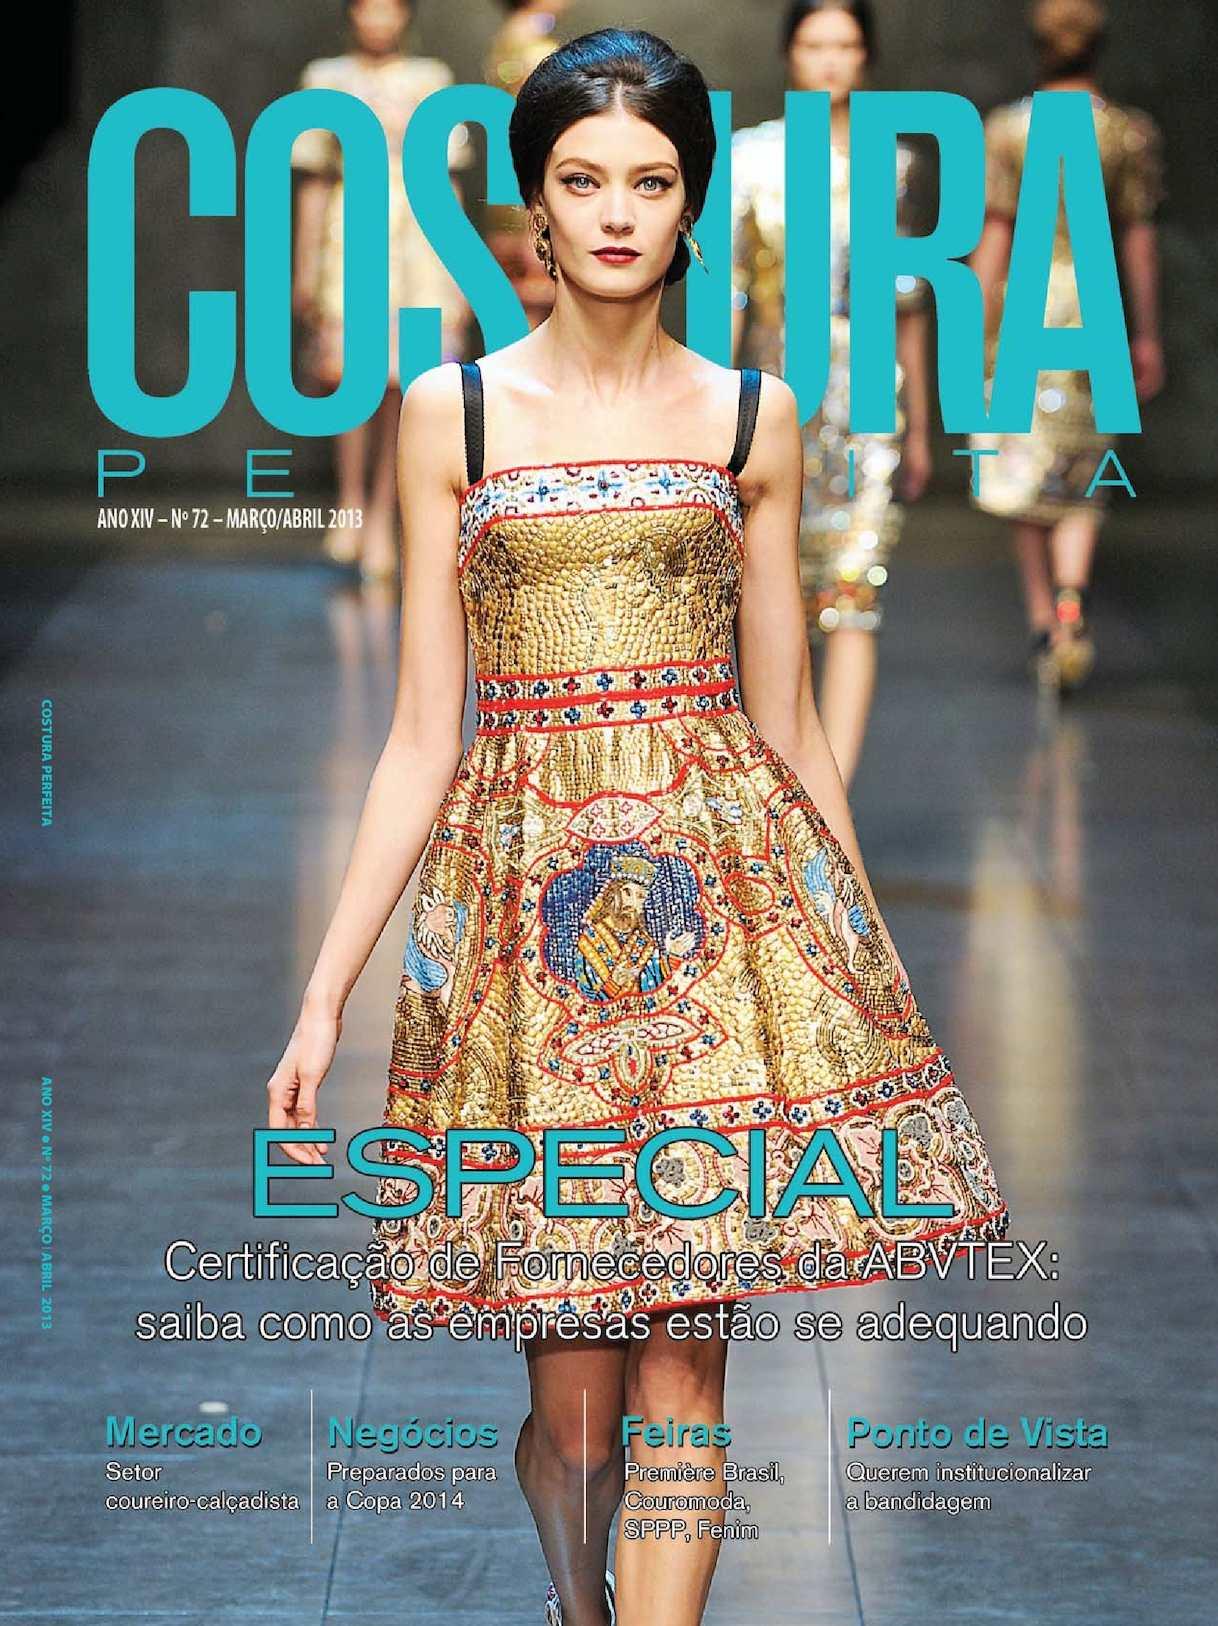 Calaméo - Revista Costura Perfeita Edição Ano XIV - N72 - Março-Abril 2013 a5b2c51137e